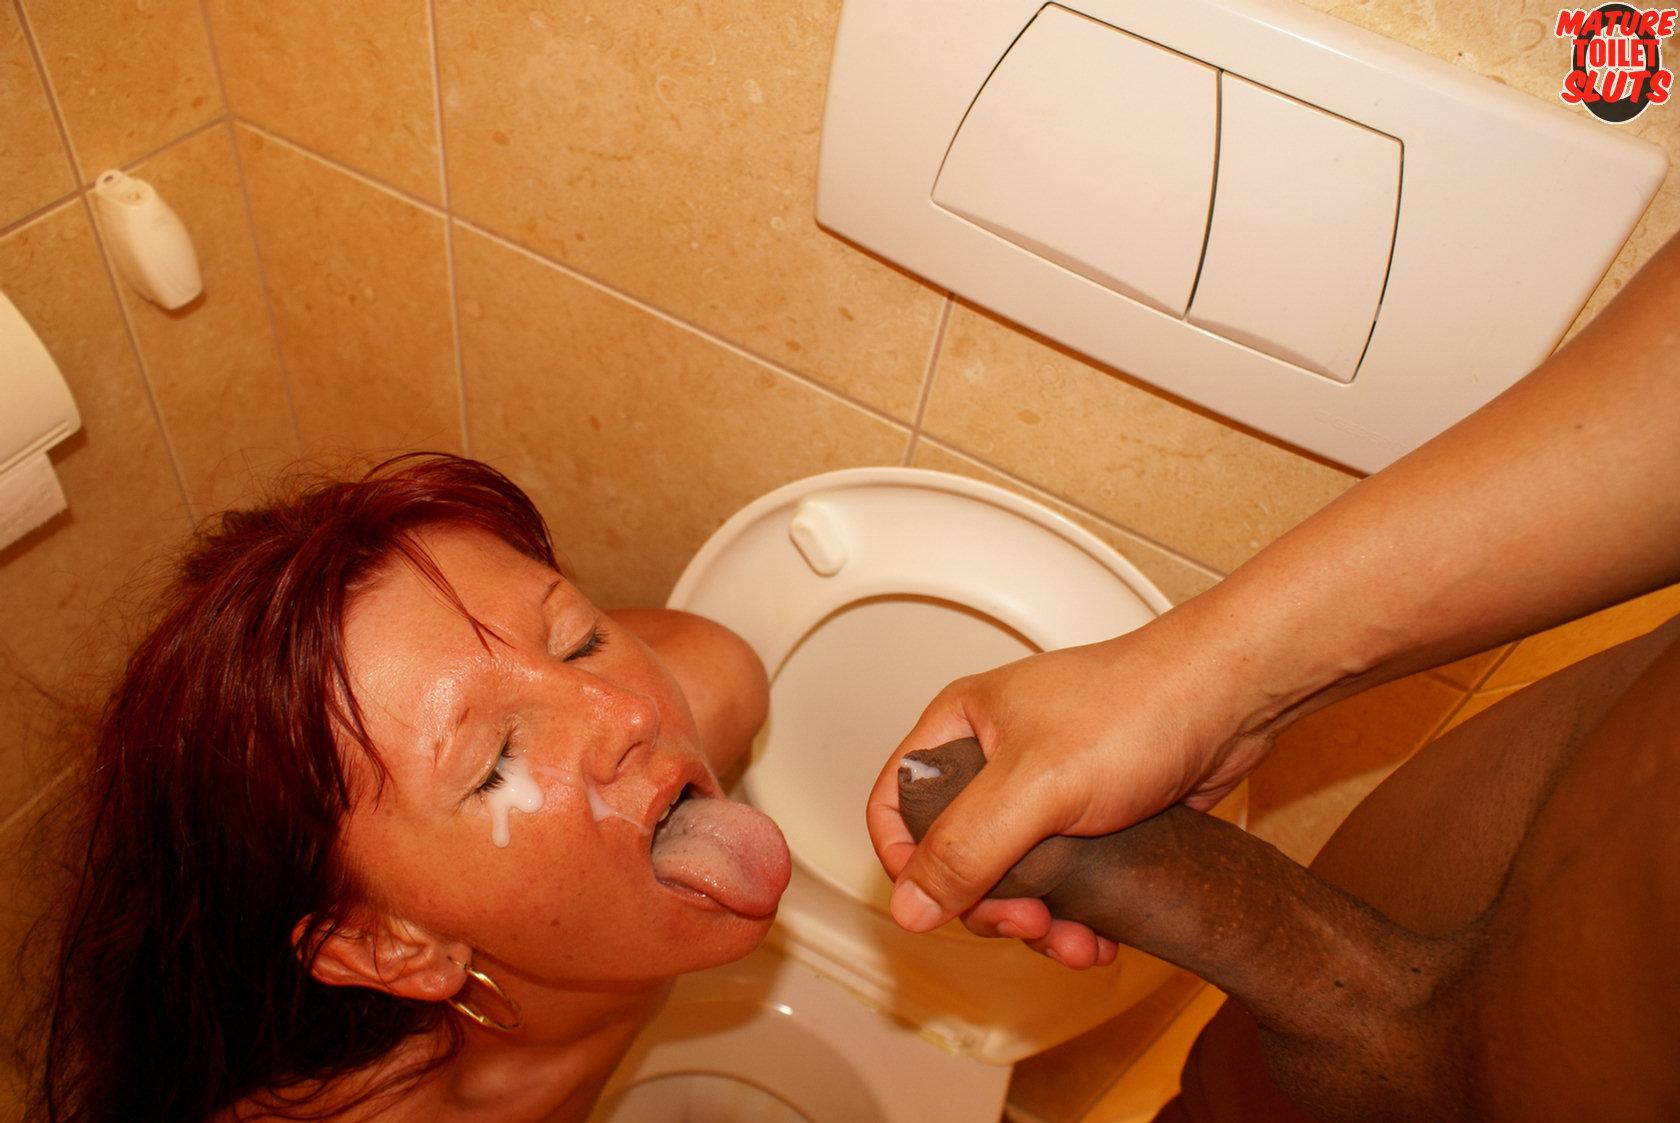 Сюрприз в туалете секс, Сходила в туалет получив неожиданный подарок порно 1 фотография